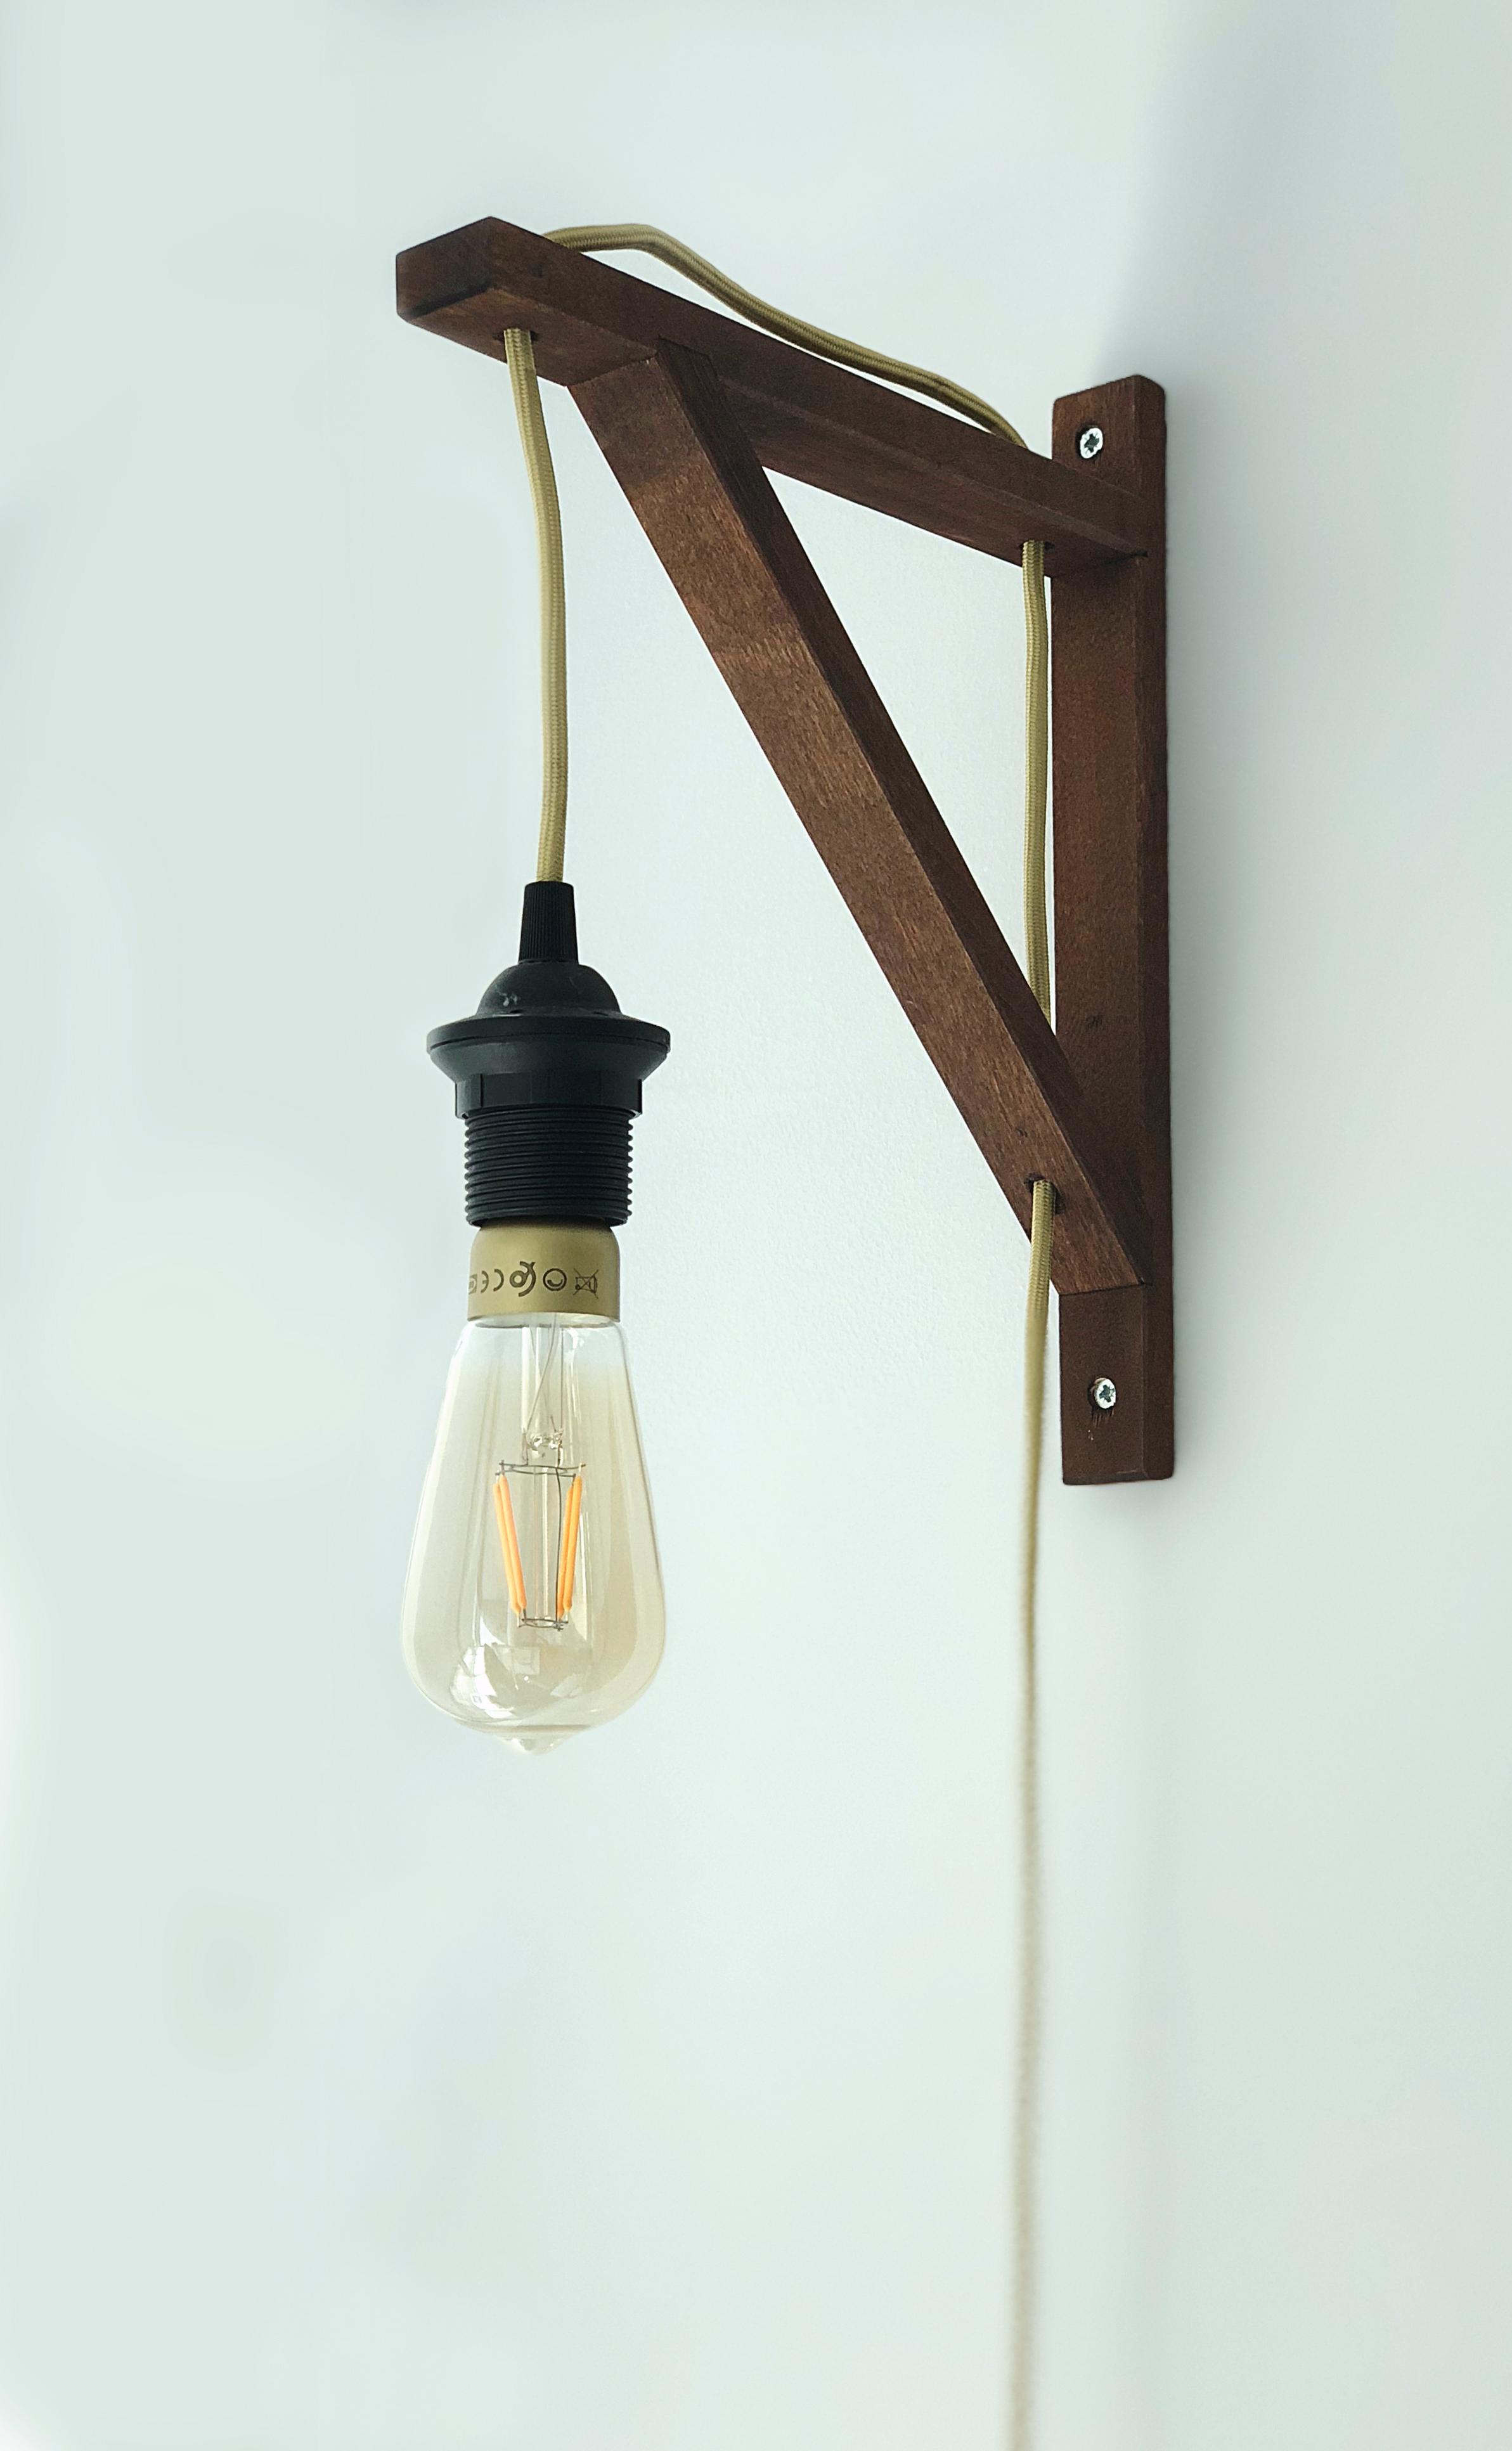 Kleiner Besprechungsraum – DIY-Lampe